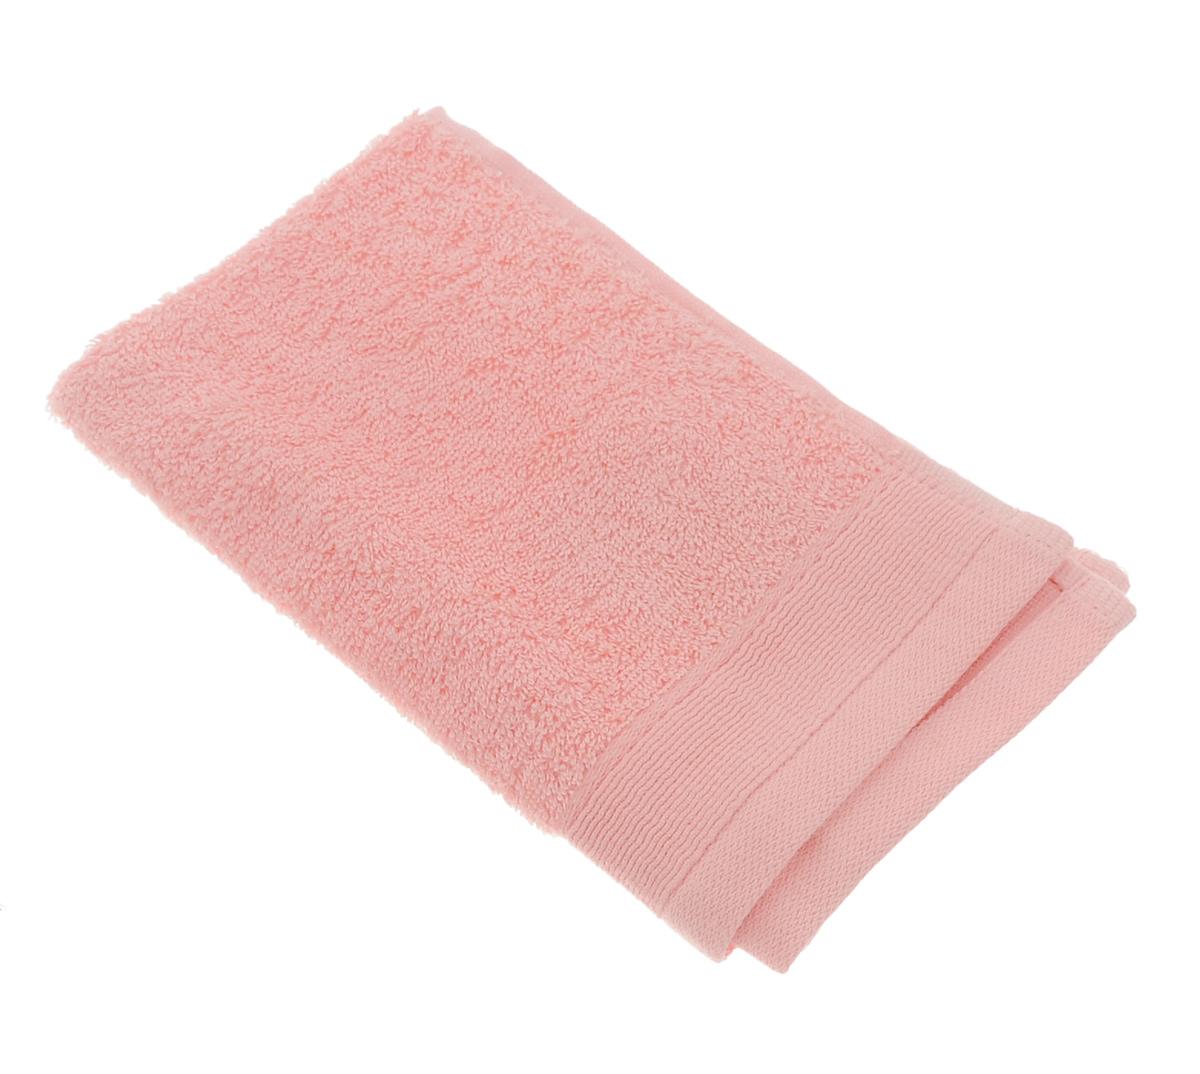 Полотенце махровое Guten Morgen, цвет: персиковый, 30 х 50 смПМп-30-50Махровое полотенце Guten Morgen, изготовленное из натурального хлопка, прекрасно впитывает влагу и быстро сохнет. Высокая плотность ткани делает полотенце мягкими, прочными и пушистыми. При соблюдении рекомендаций по уходу изделие сохраняет яркость цвета и не теряет форму даже после многократных стирок. Махровое полотенце Guten Morgen станет достойным выбором для вас и приятным подарком для ваших близких. Мягкость и высокое качество материала, из которого изготовлено полотенце, не оставит вас равнодушными.